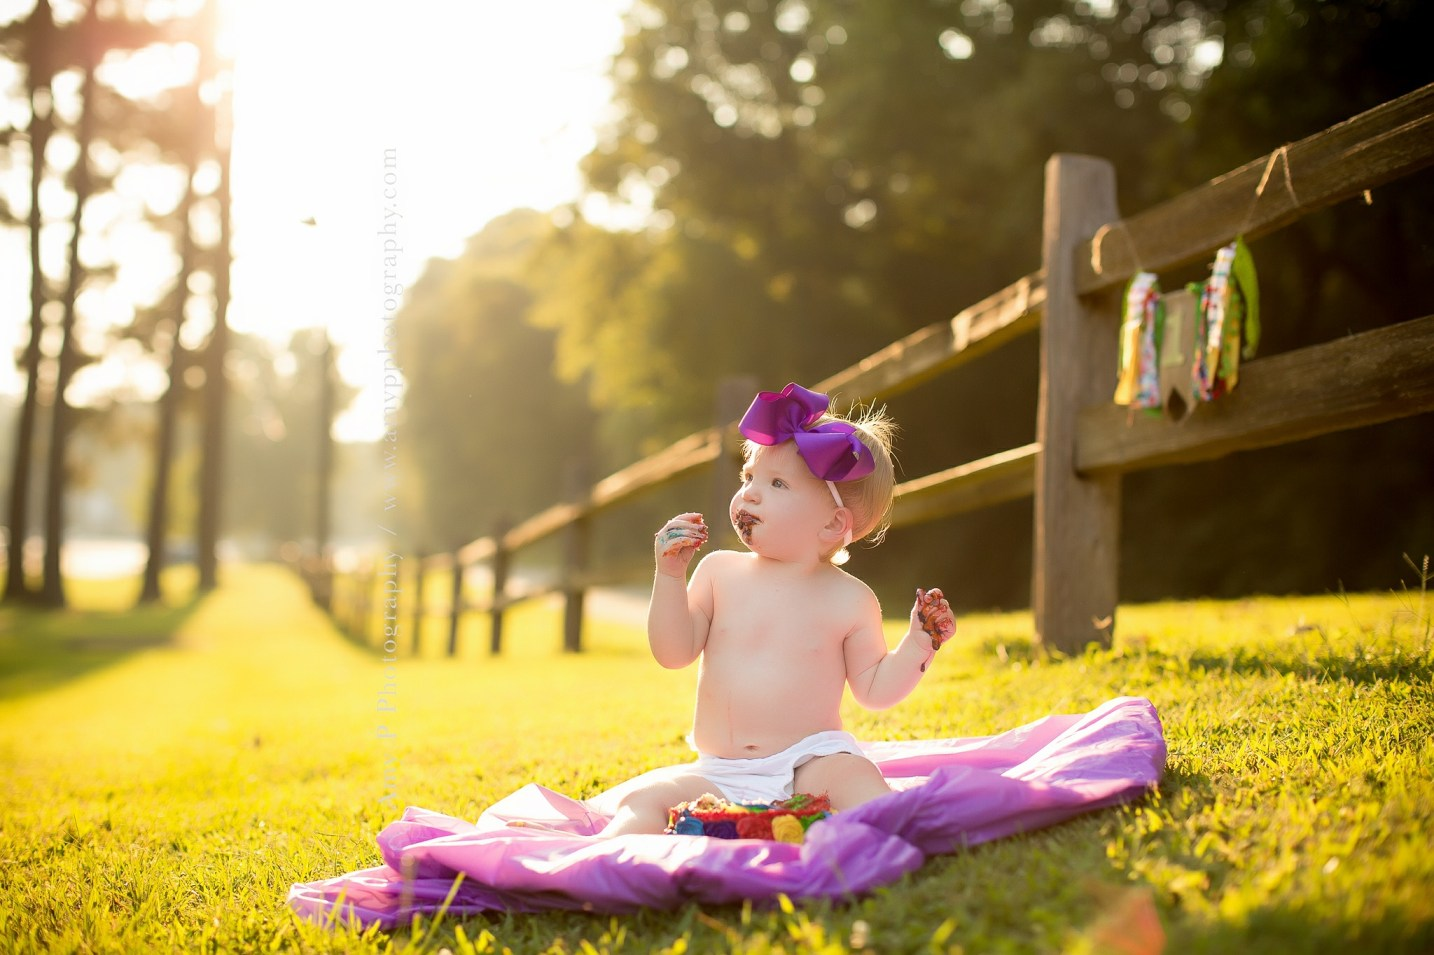 park-family-kids-little girls-children-1 year old